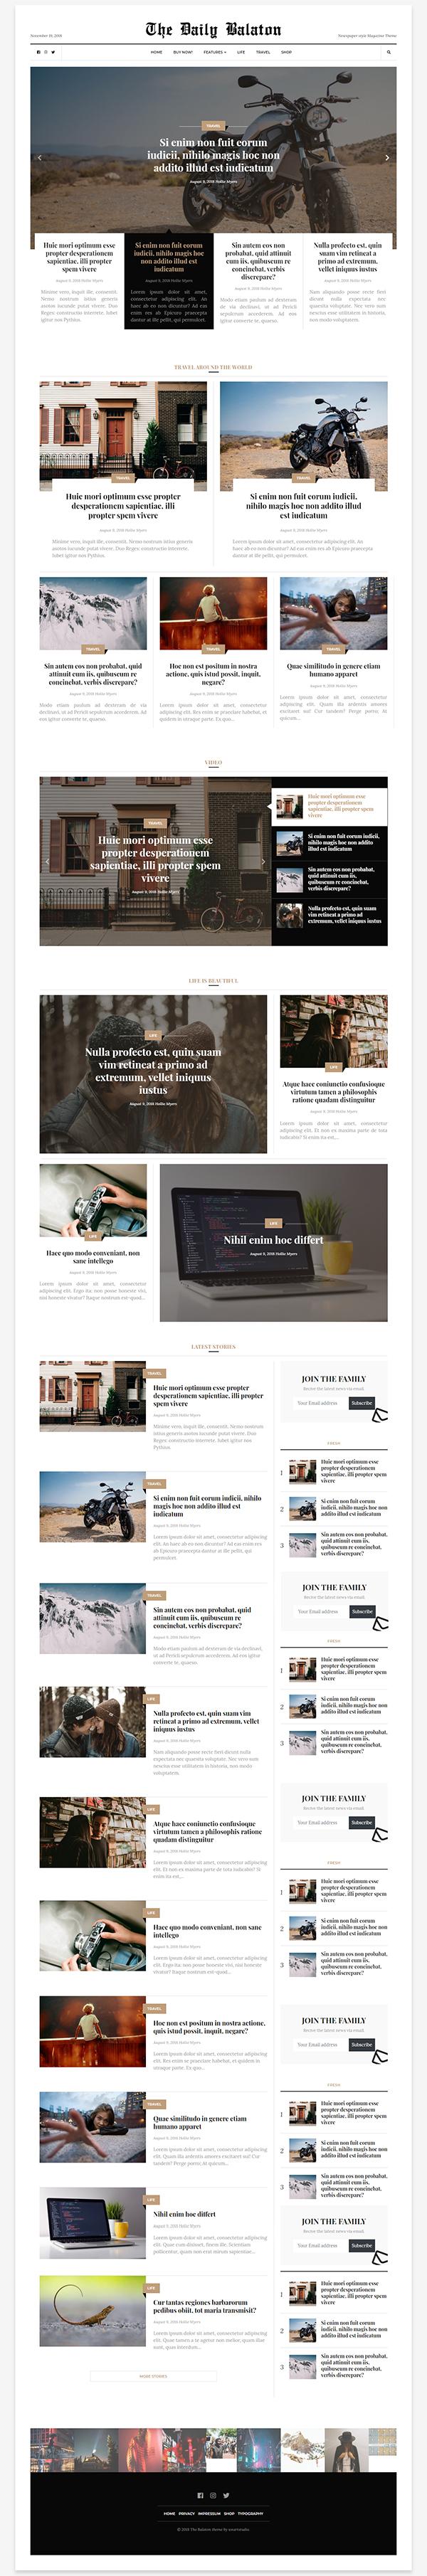 Balaton - Newspaper style Magazine WordPress Theme